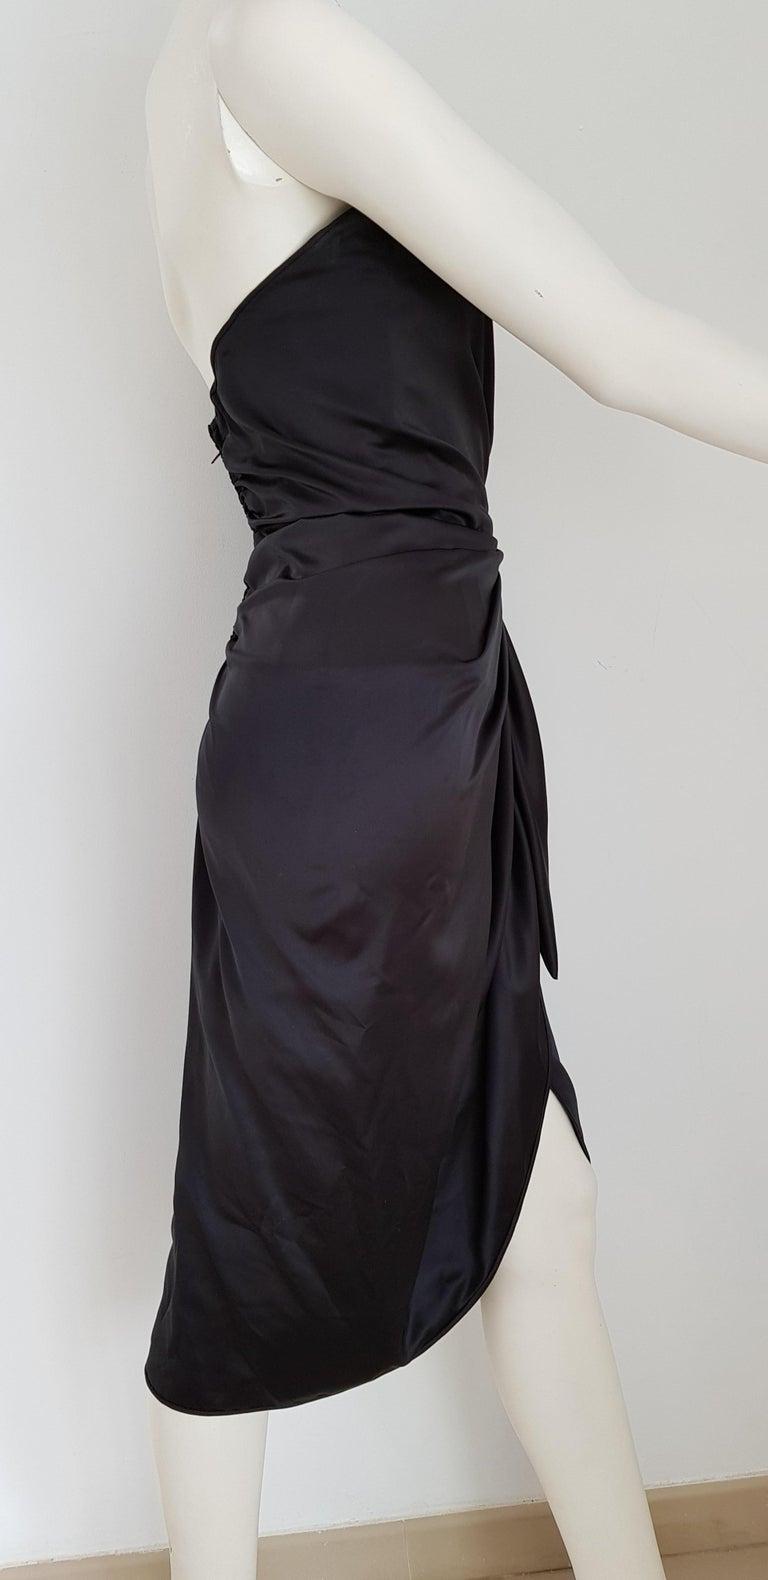 Black VALENTINO Haute Couture Swarovski Diamonds Drop in Front, Silk Gown- Unworn, New For Sale